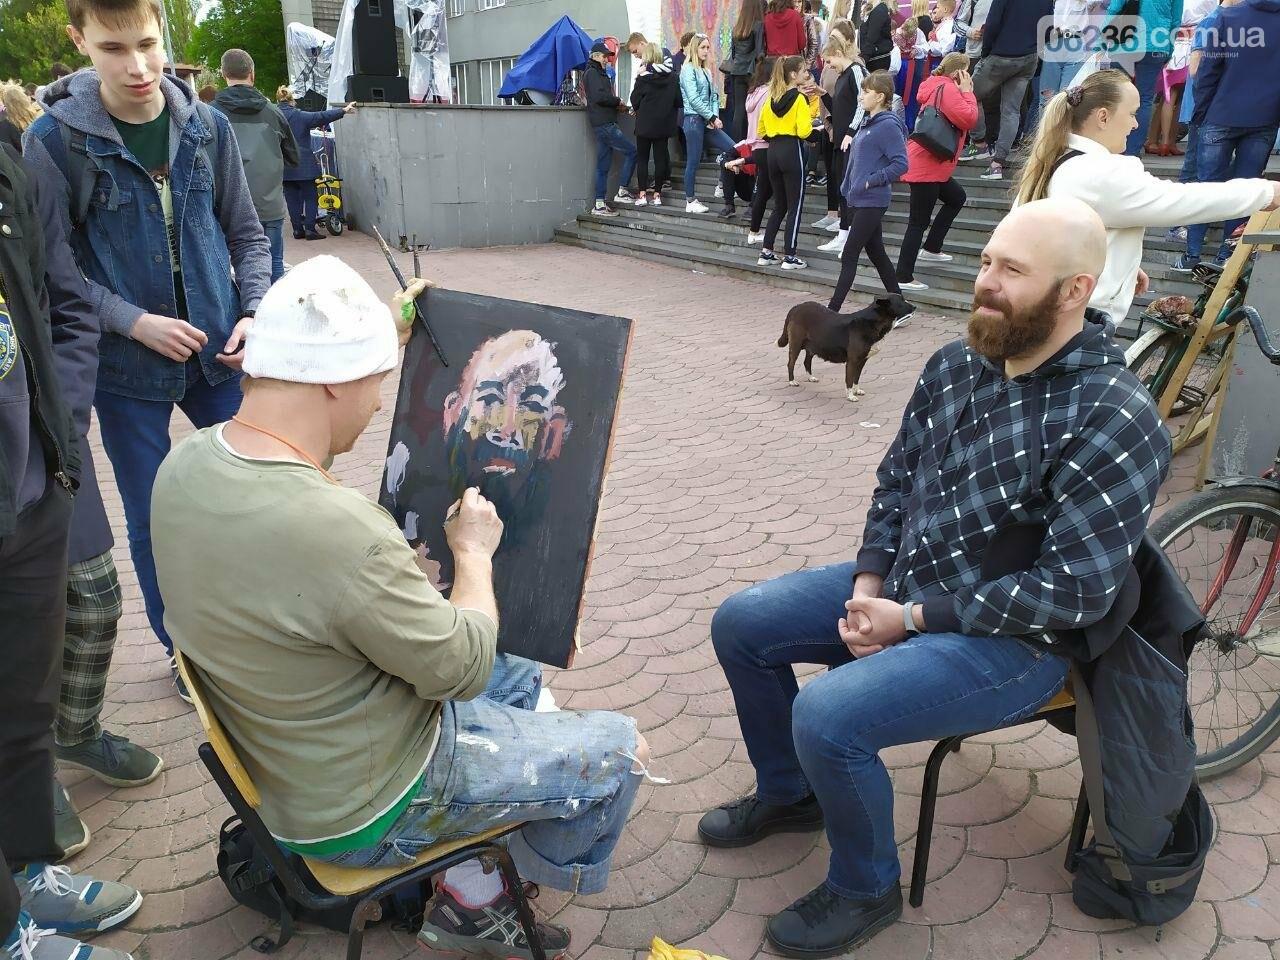 ФОТОРЕПОРТАЖ. Яркие моменты фестиваля искусств в Авдеевке, фото-24